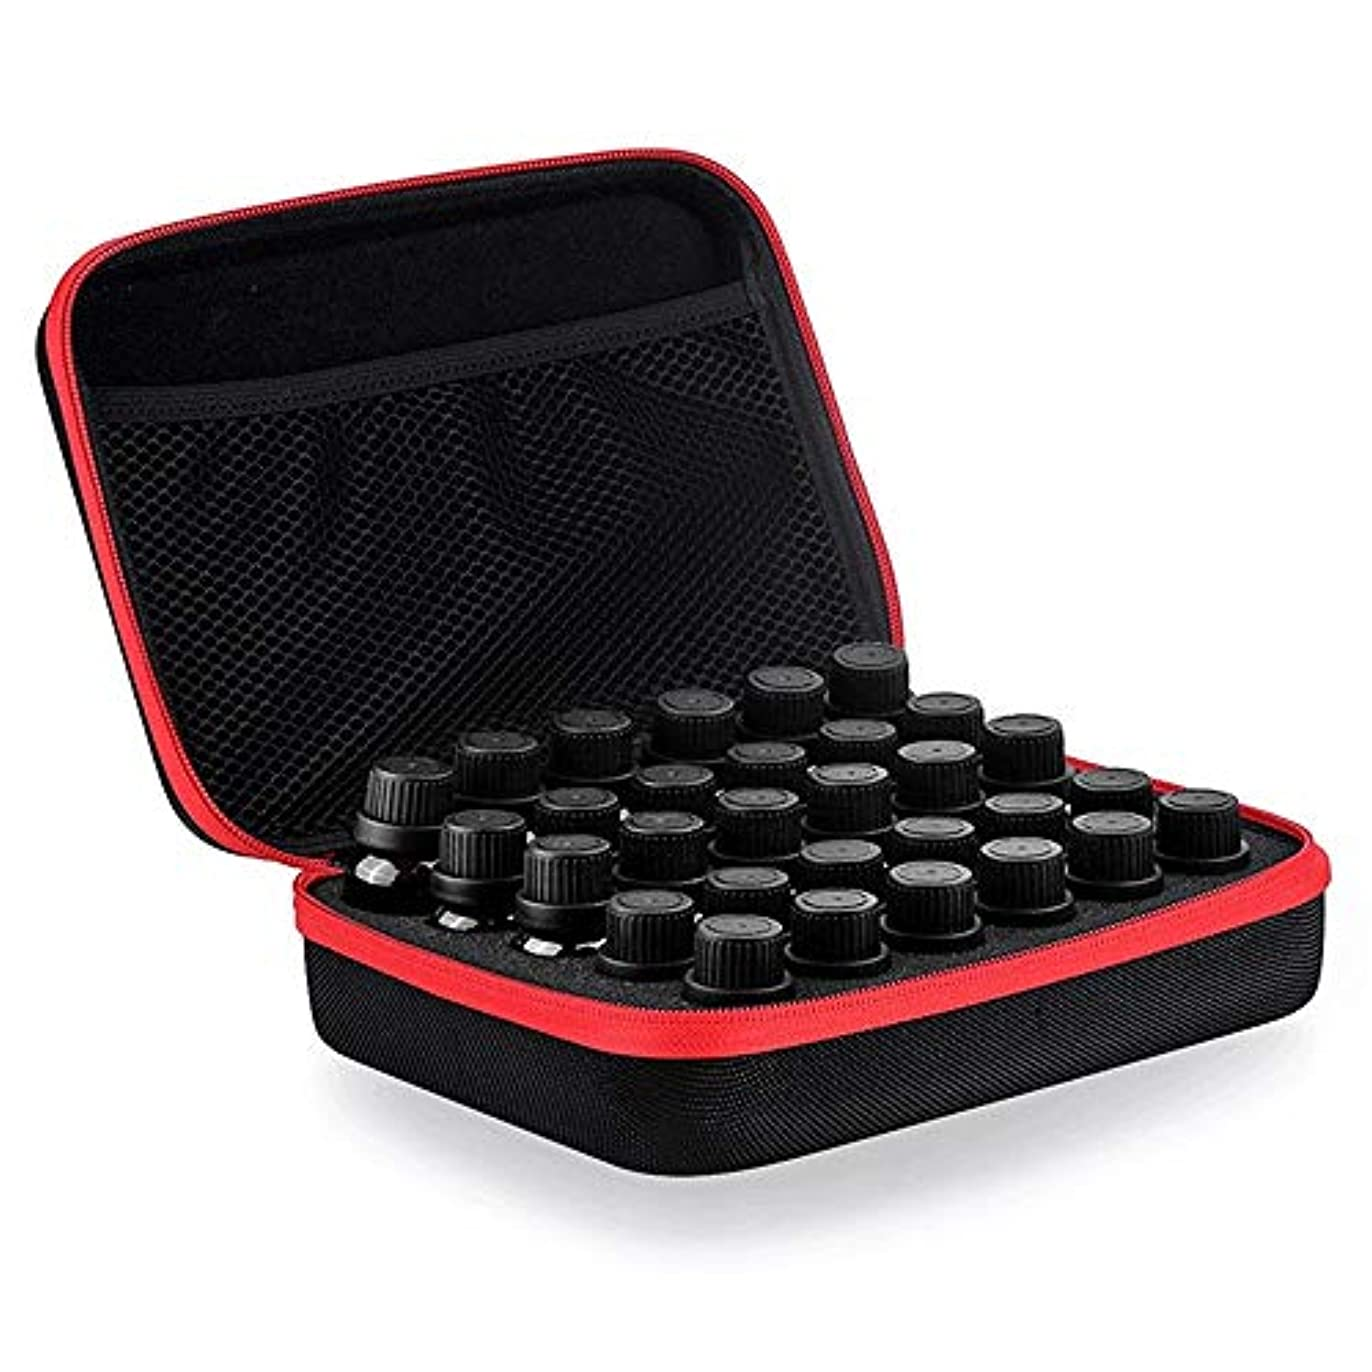 再び特に磁石アロマセラピー収納ボックス 5ミリリットルを取るためにスーツケースに保持された油の30種類、10ミリリットル15ミリリットルボトル外観EVAハードシェル石油貯蔵バッグハンドルOrganzier完璧なディスプレイケース油 エッセンシャルオイル収納ボックス (色 : ブラック, サイズ : 22X17X7.2CM)